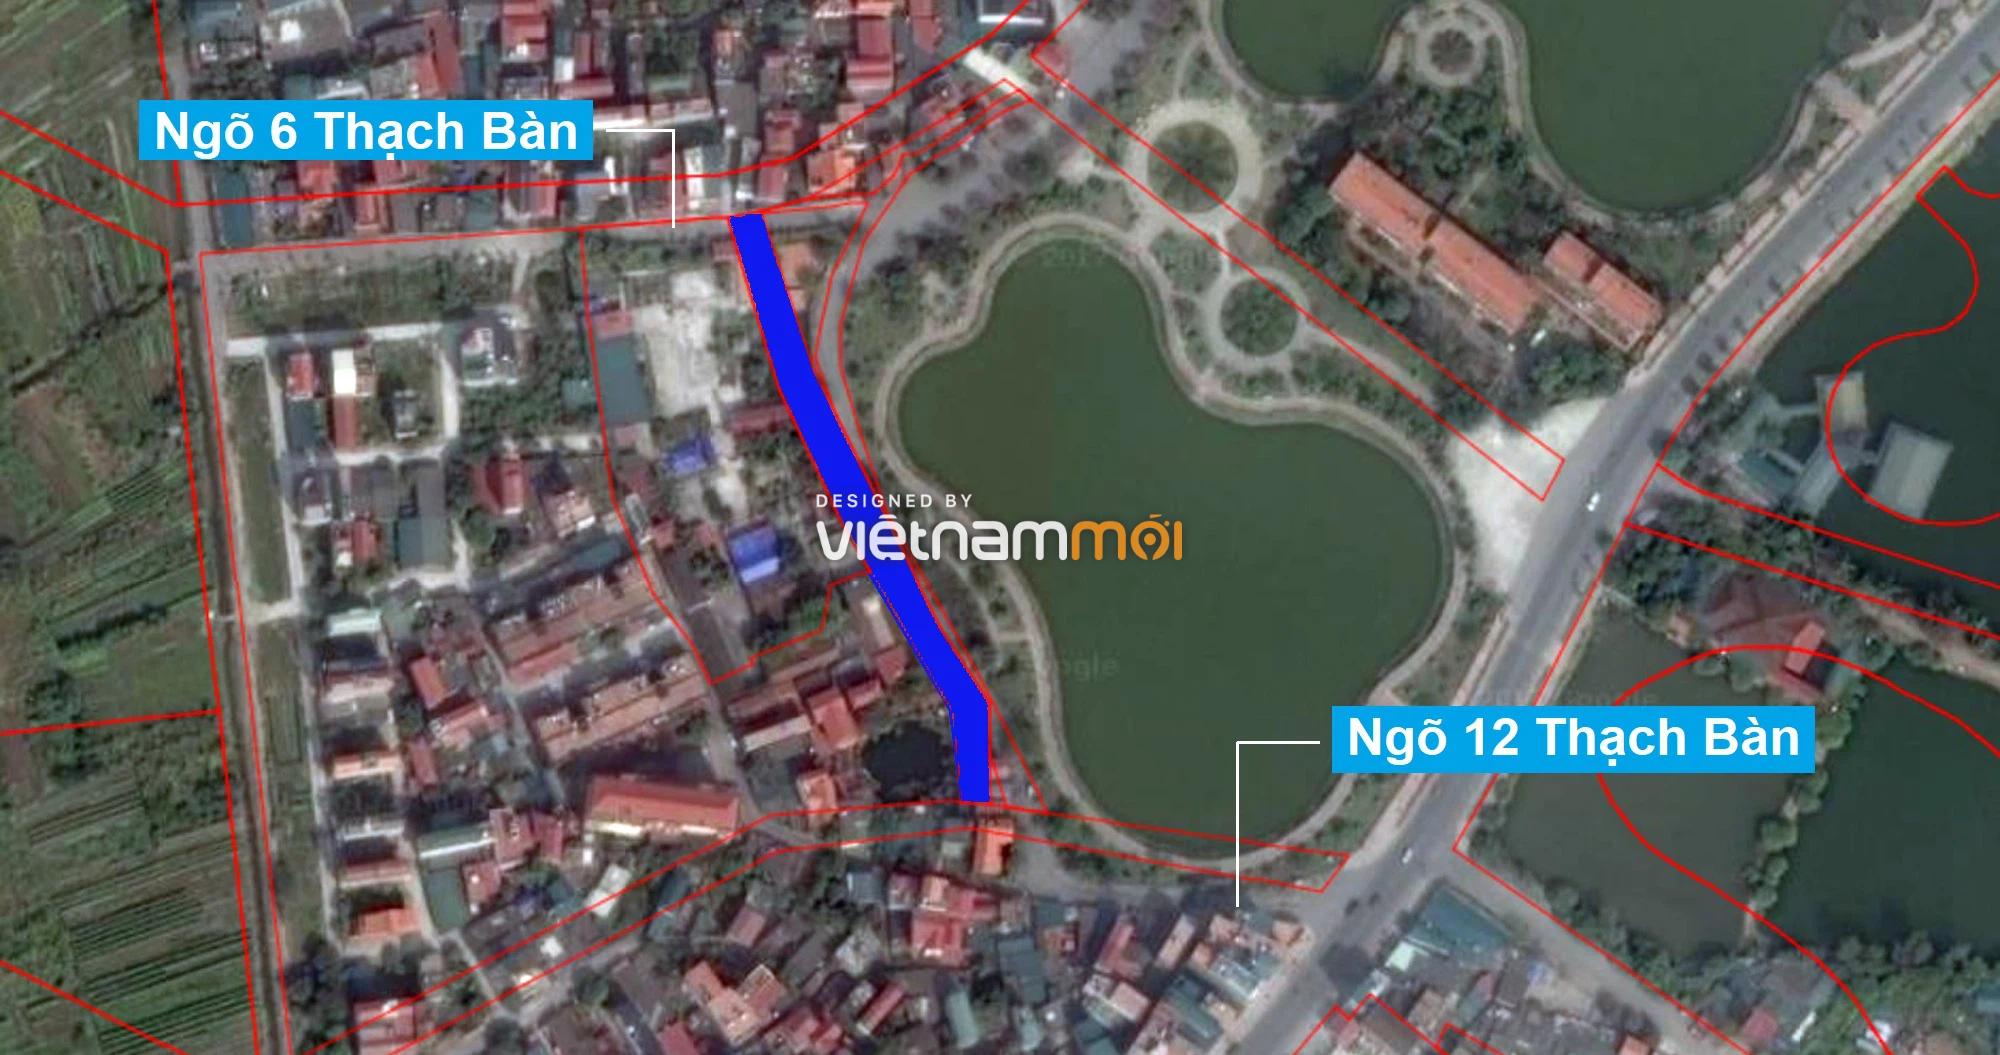 Những khu đất sắp thu hồi để mở đường ở phường Thạch Bàn, Long Biên, Hà Nội (phần 2) - Ảnh 8.